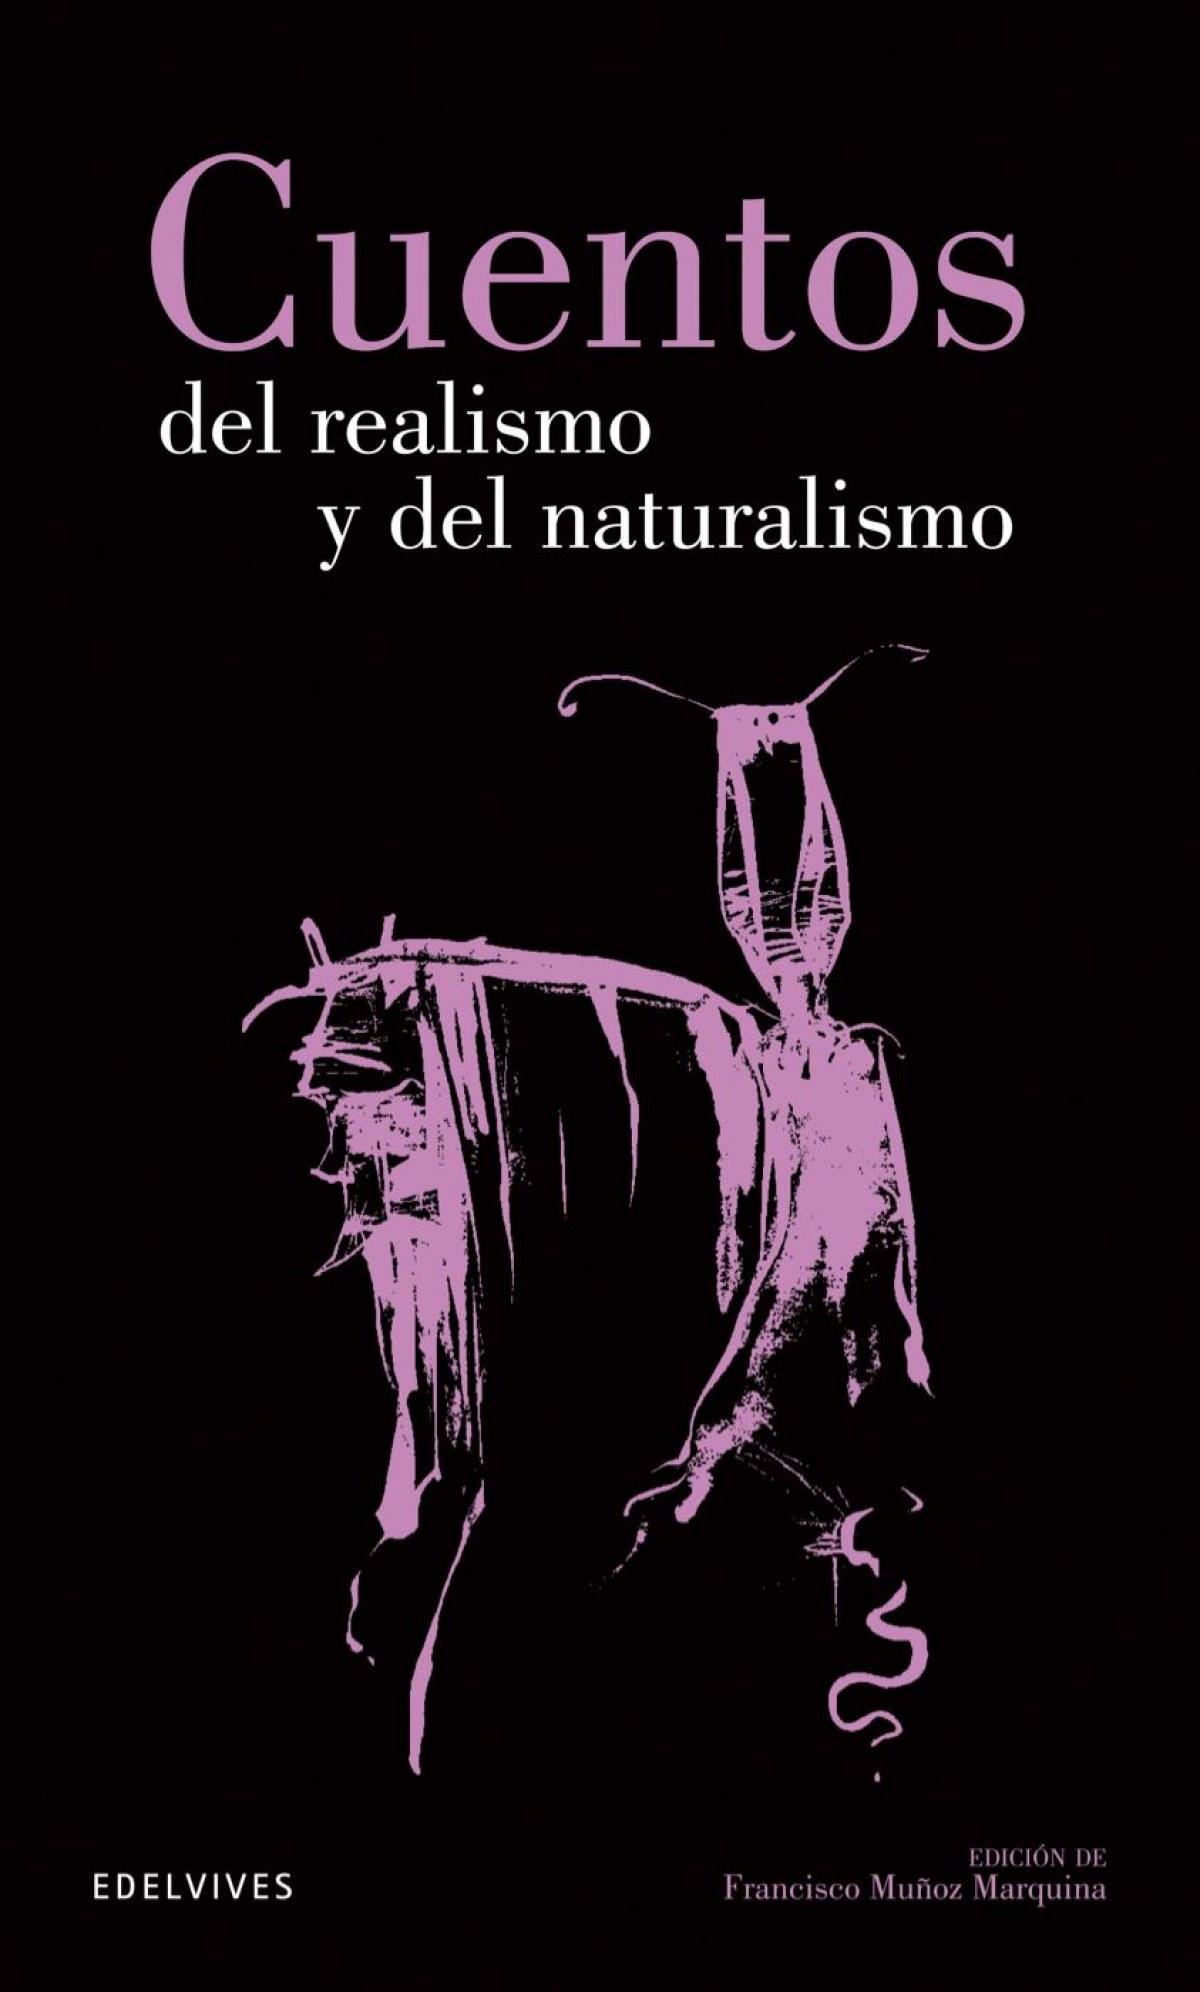 Cuentos del realismo y naturalismo 9788426352620